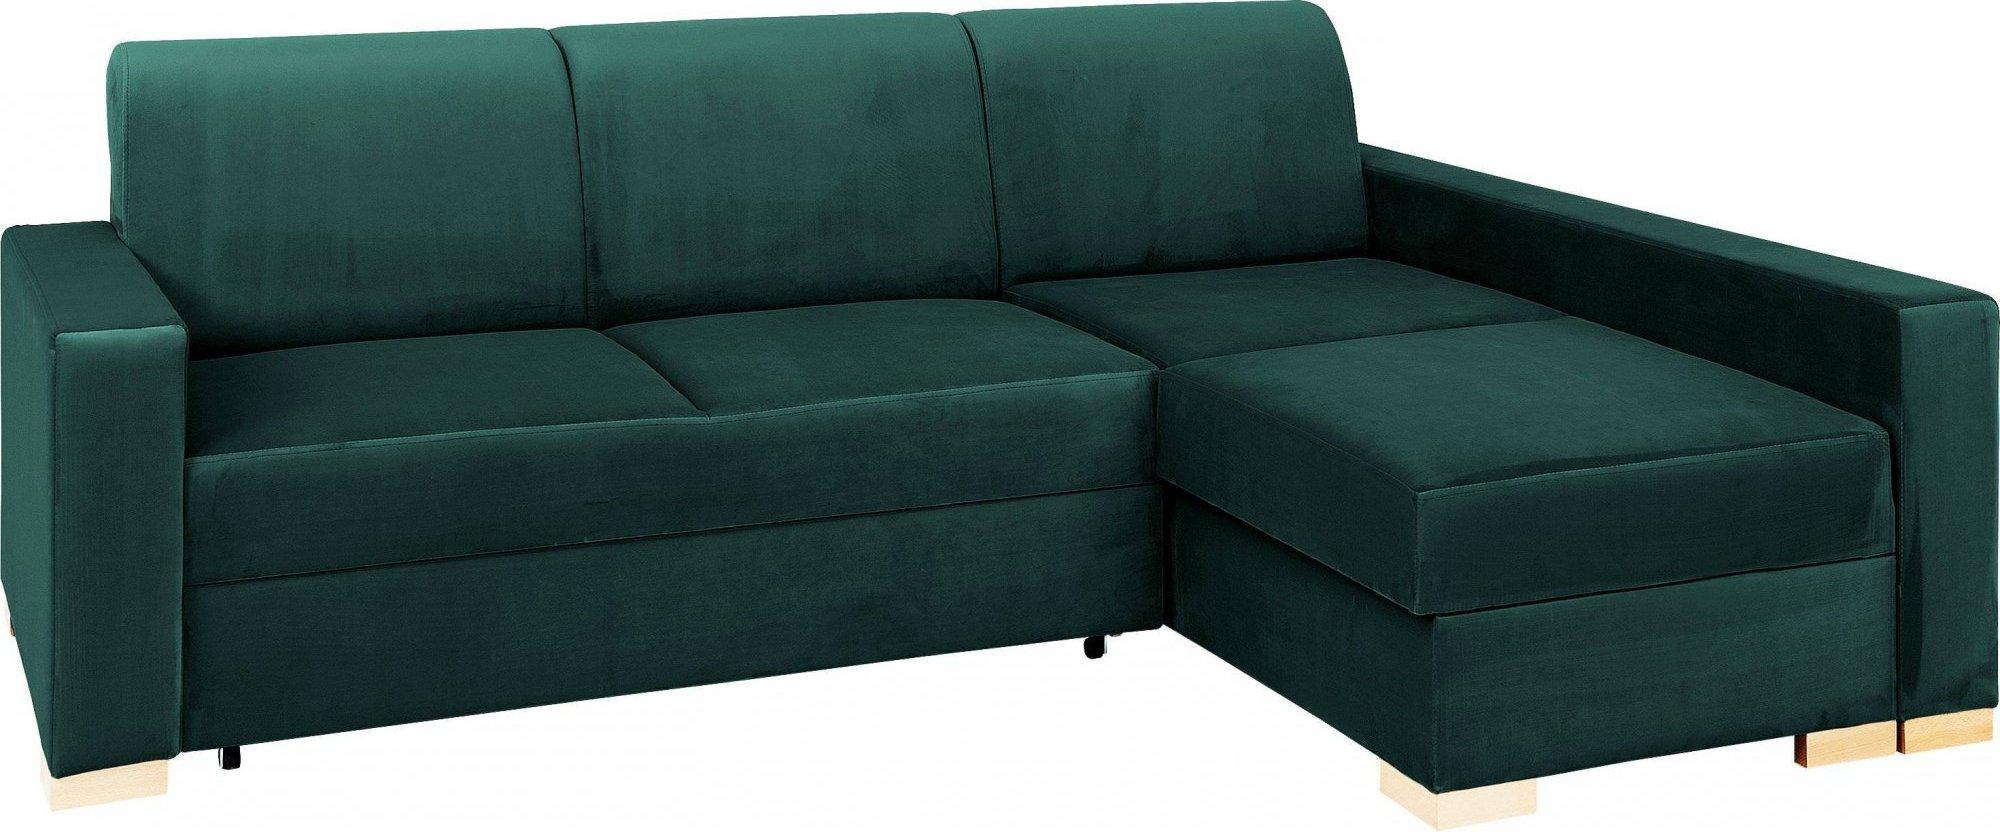 Canapé d'angle 3 places Design Confort Vert